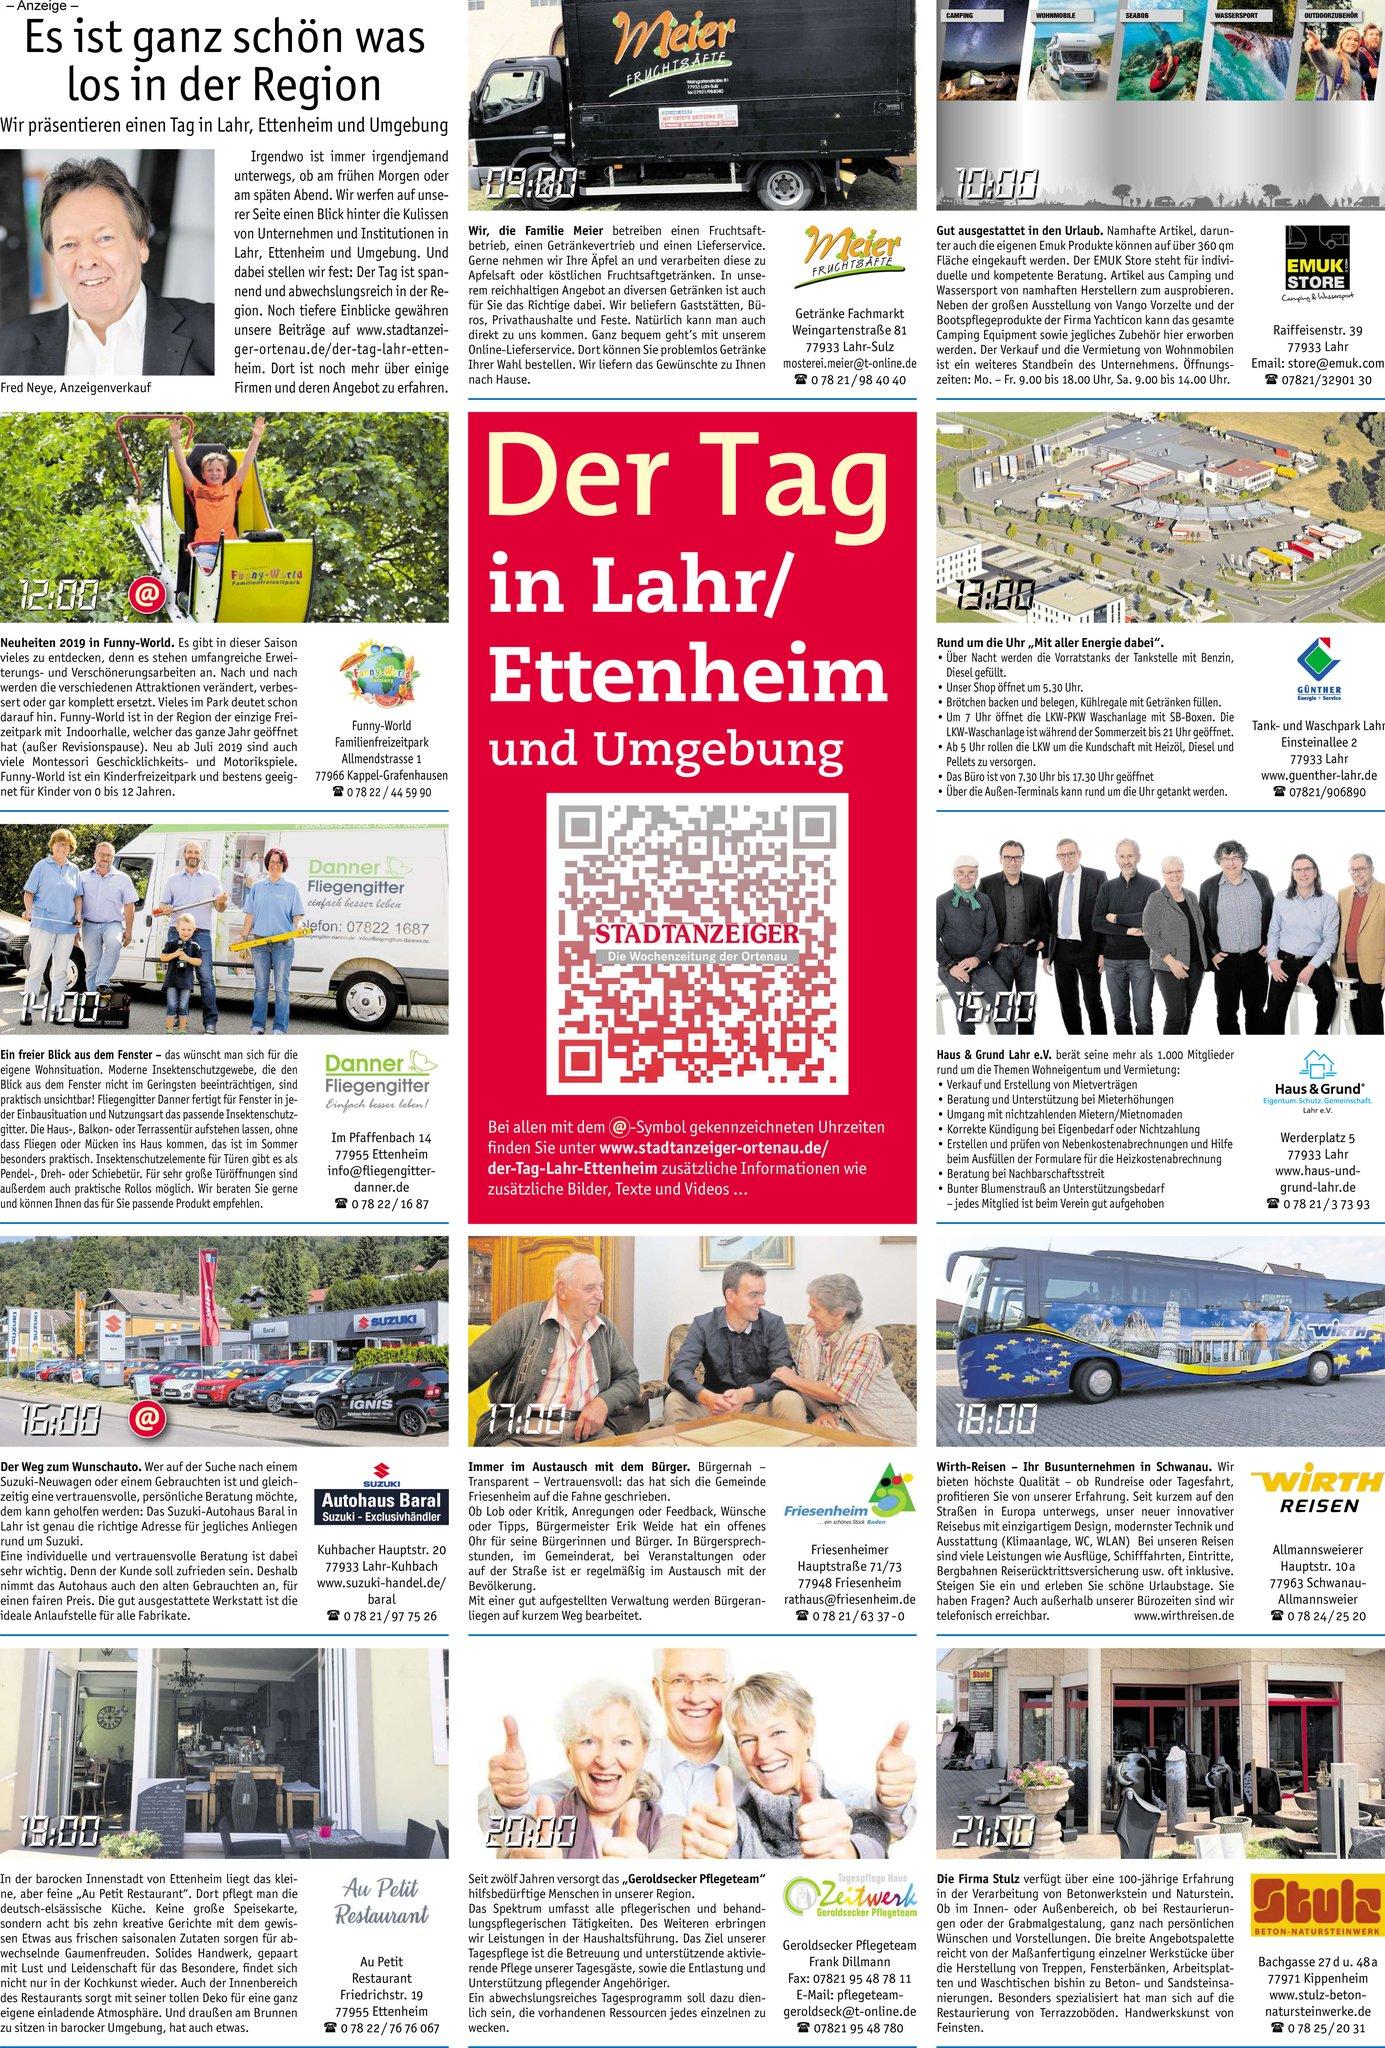 Der Tag in Lahr/Ettenheim und Umgebung